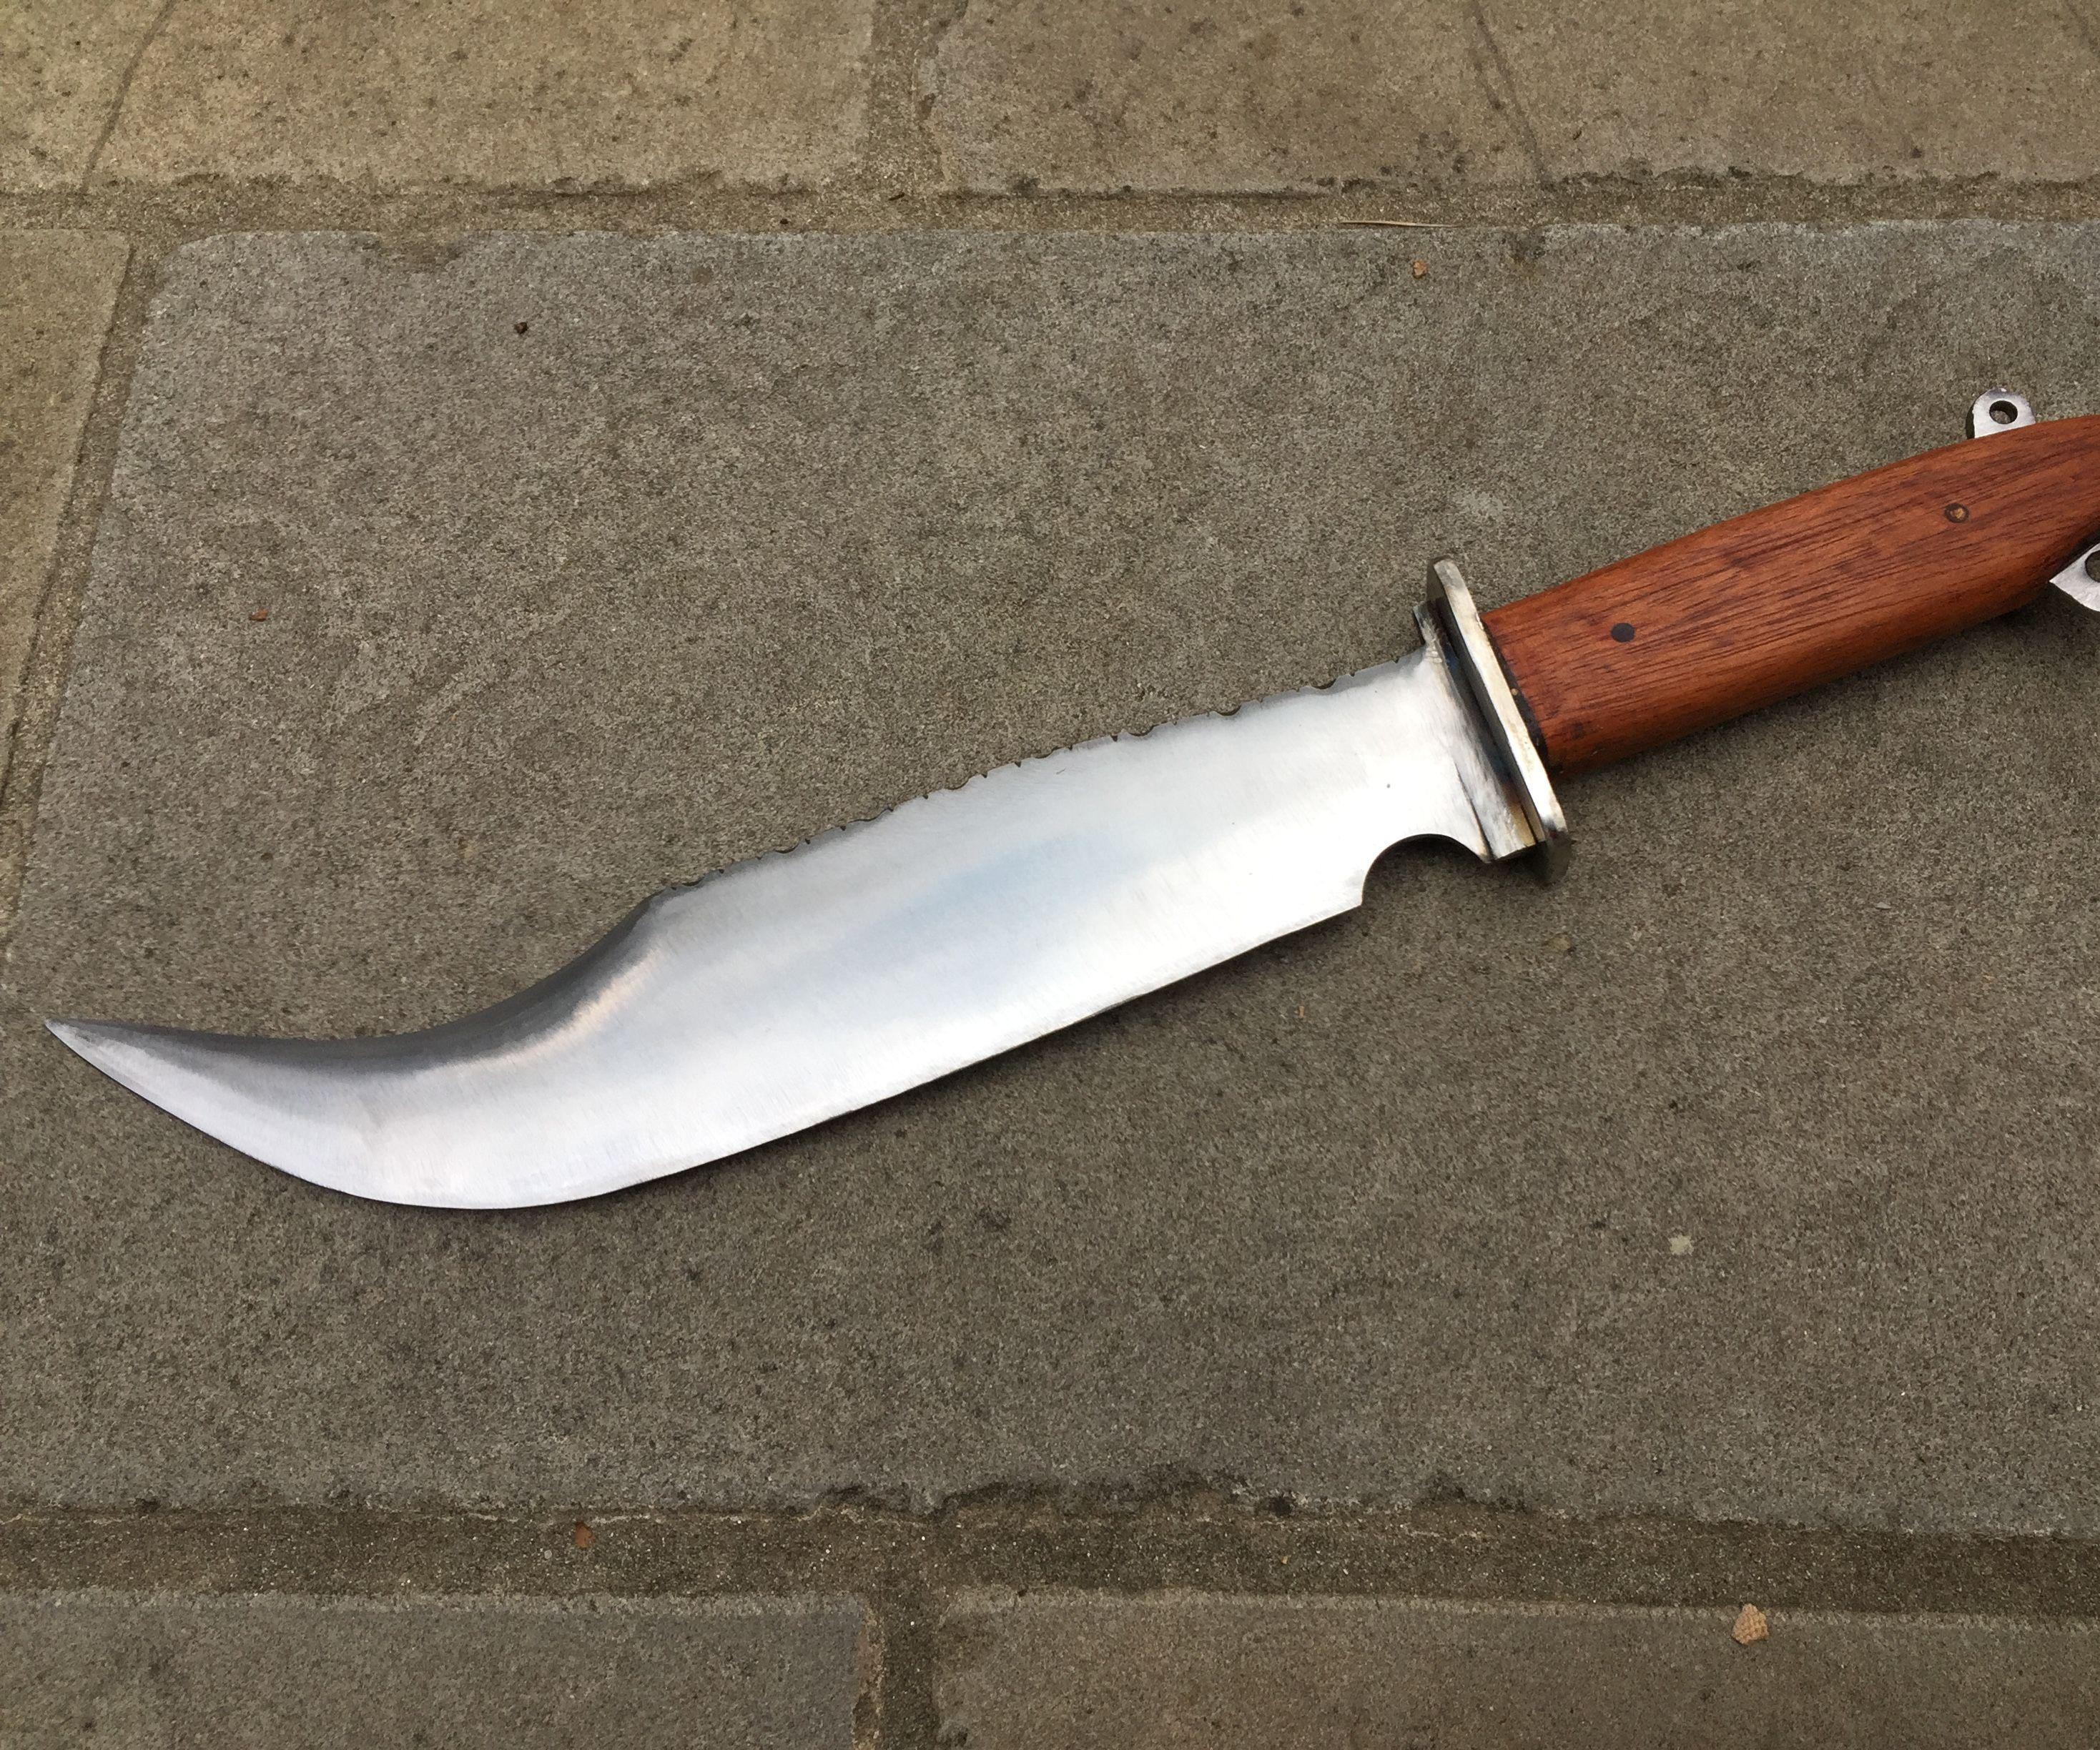 DIY Bowie Knife